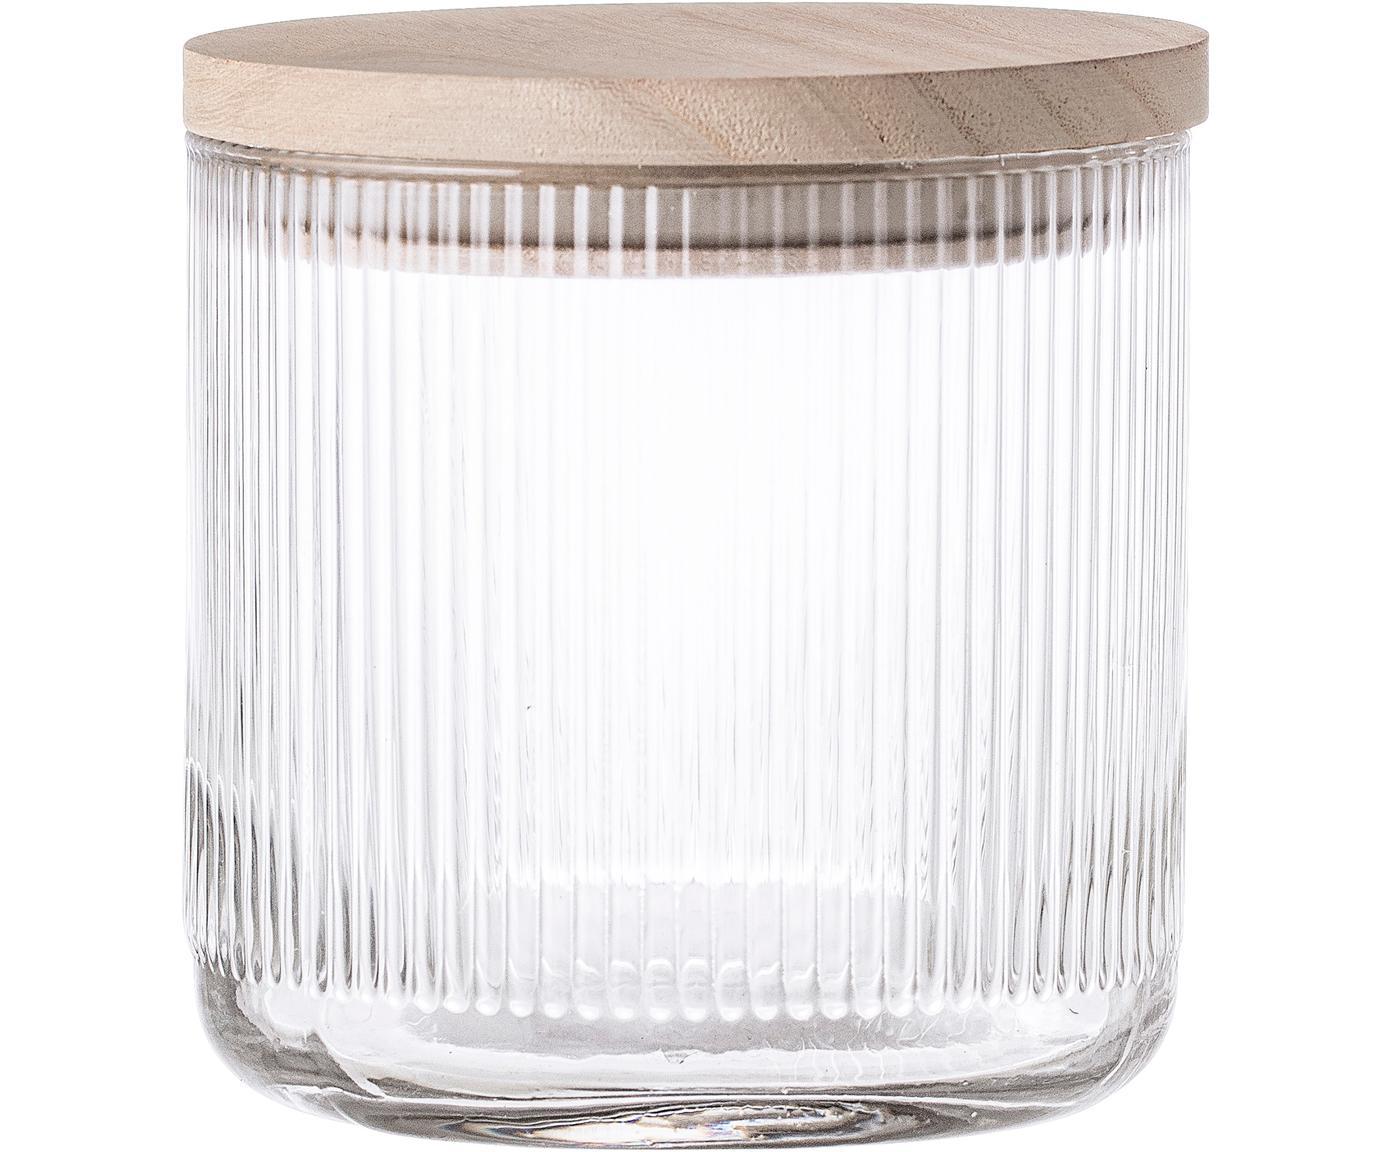 Pojemnik do przechowywania Gianna, Transparentny, brązowy, Ø 12 x W 12 cm